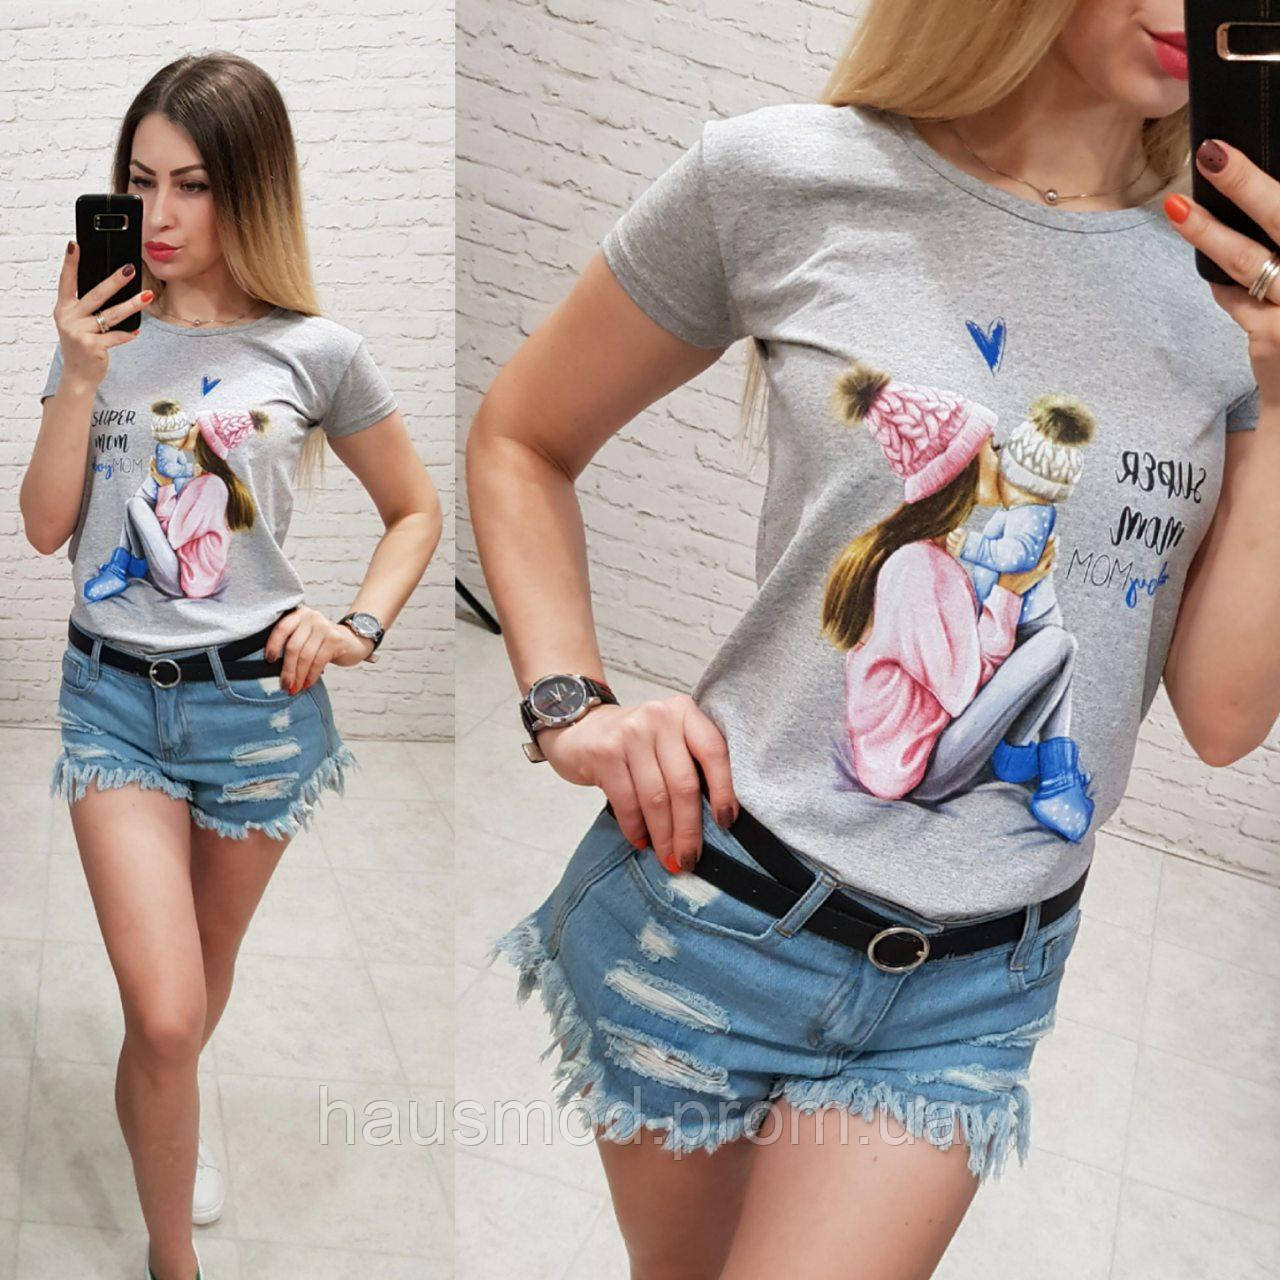 Женская футболка летняя рисунок Девочка качество турция 100% катон цвет серый